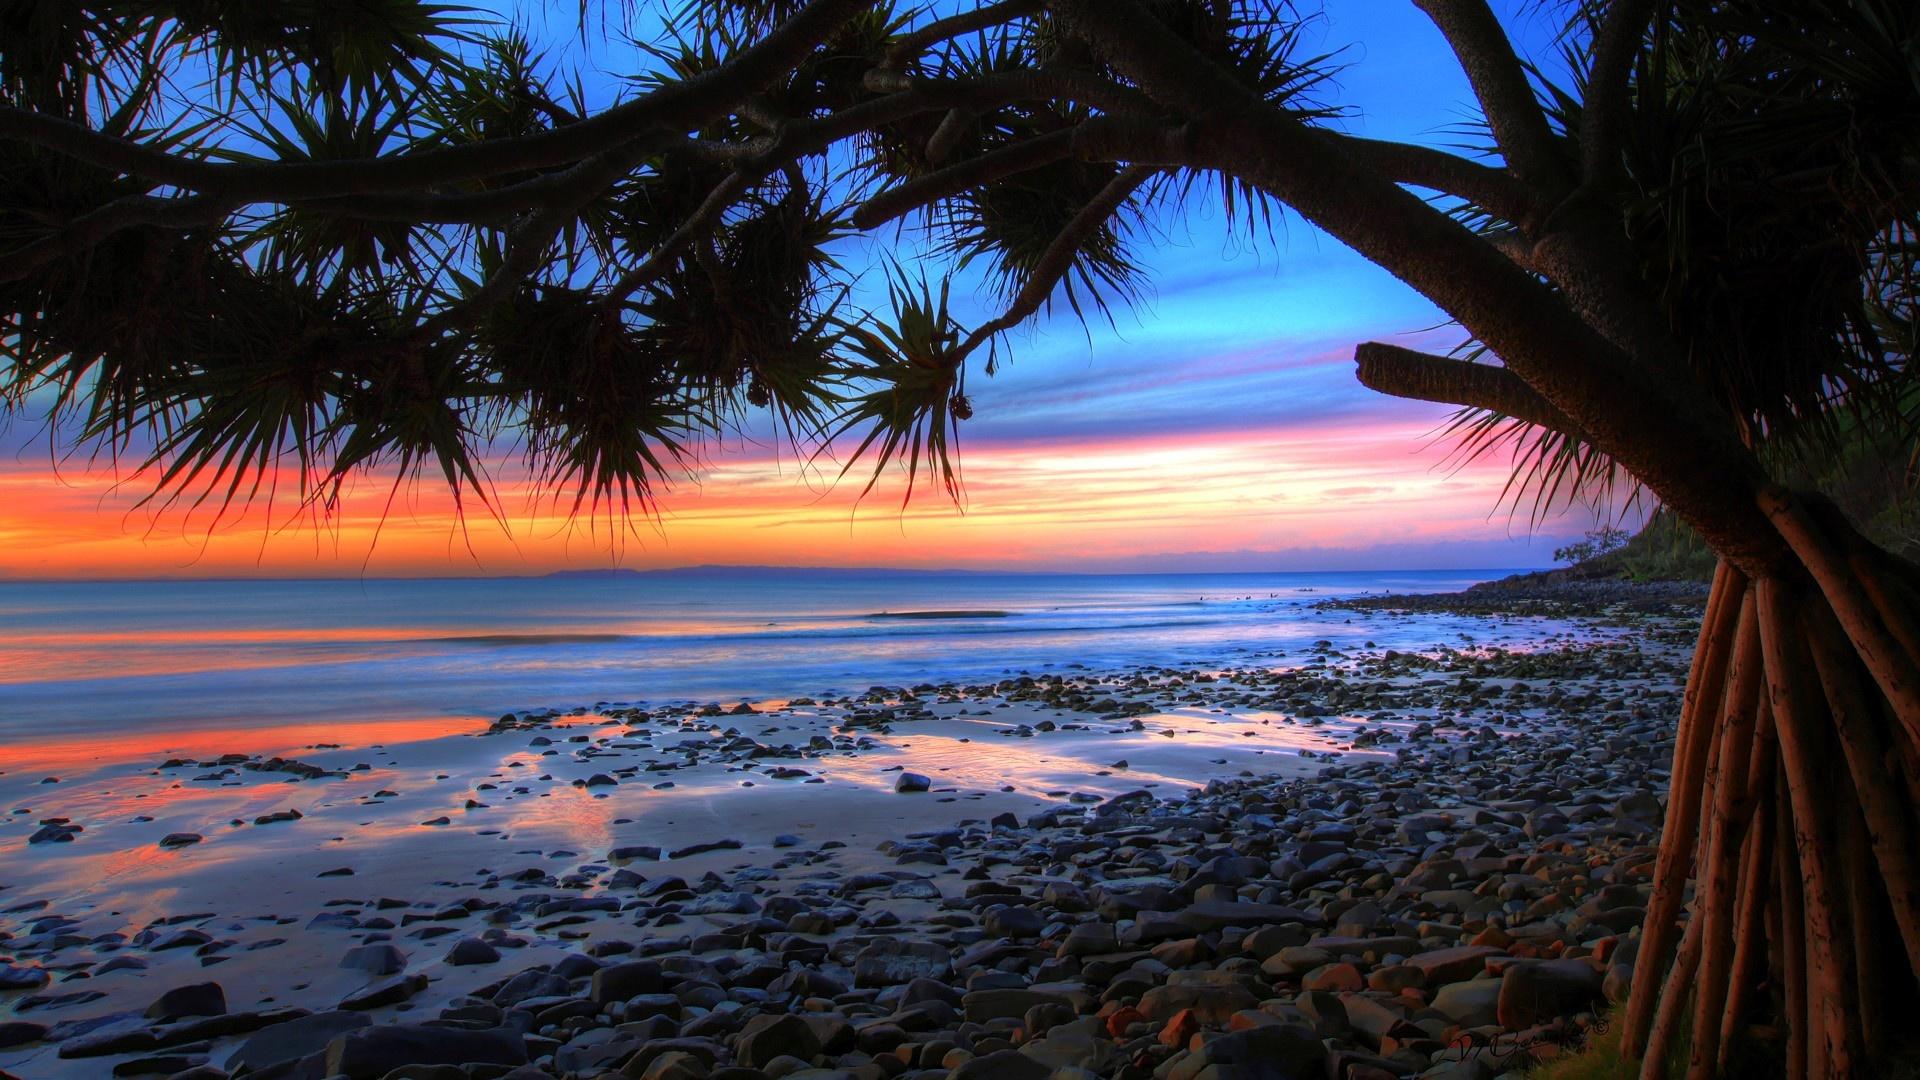 windows 8 wallpaperscomwallpaperswindows 8 australian beach sunset 1920x1080